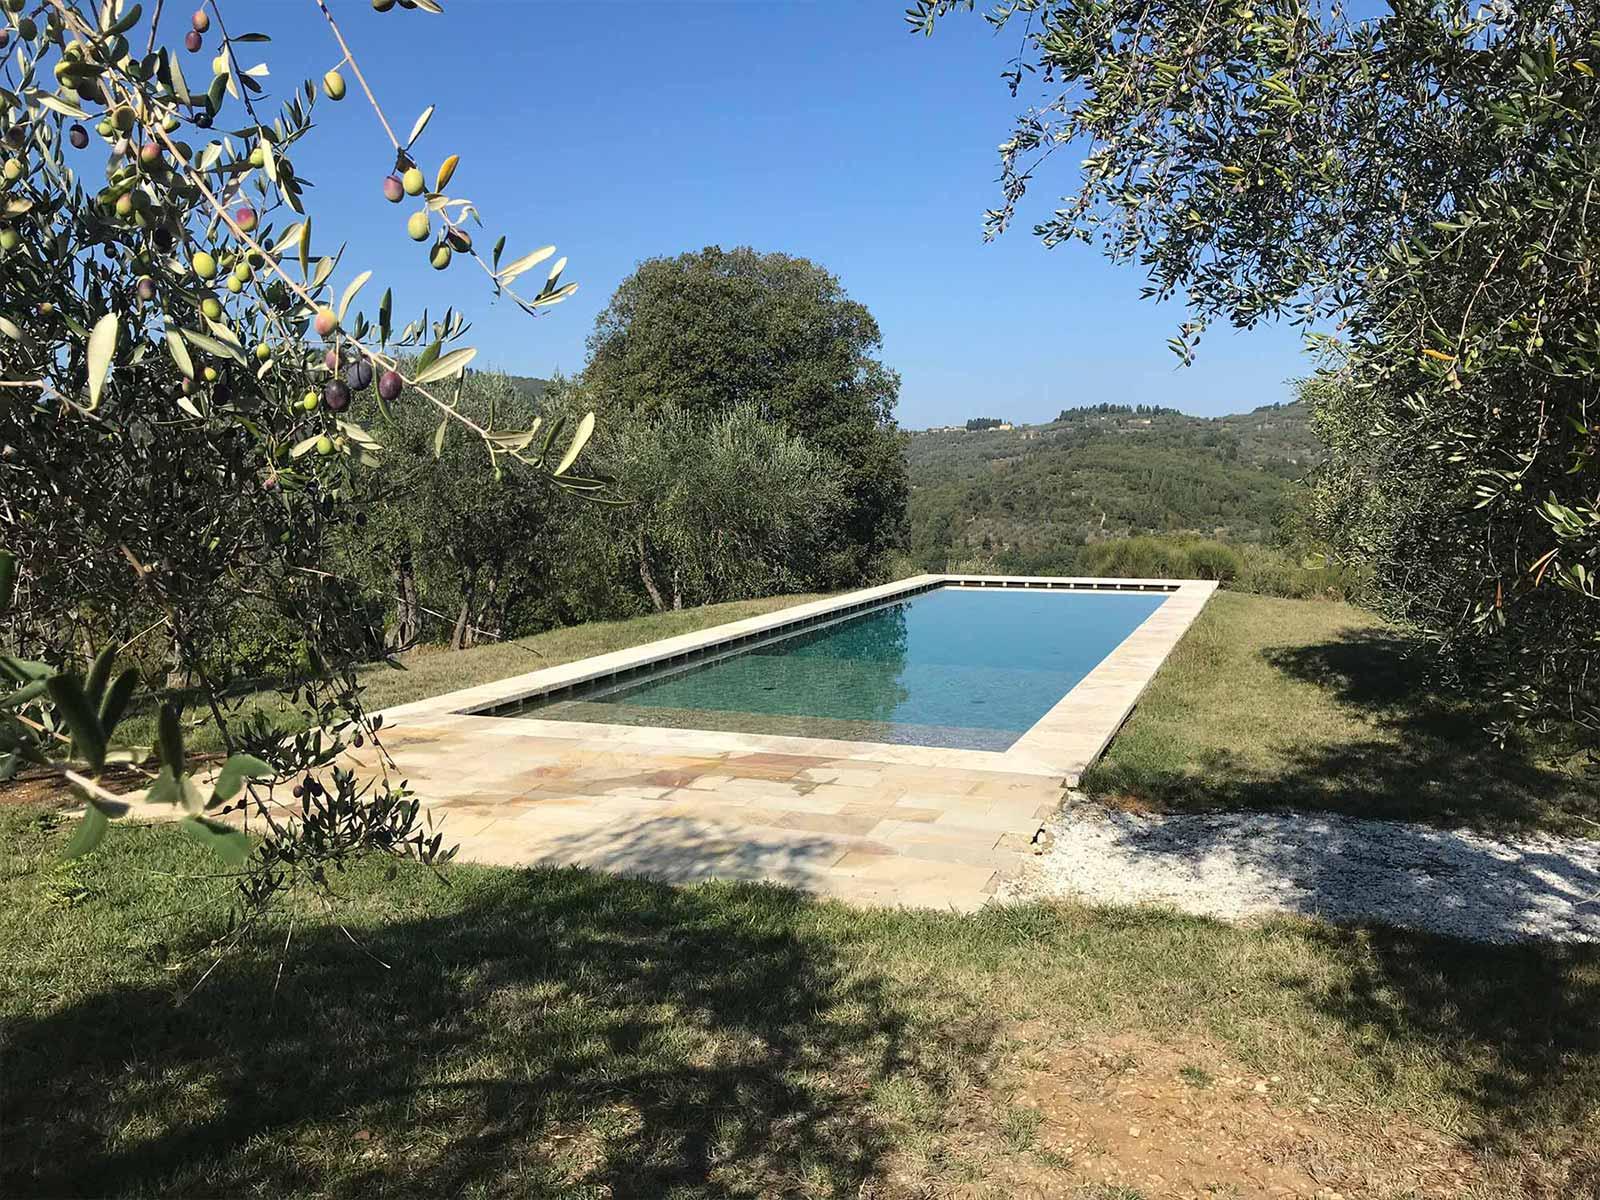 piscina a sfioro sottobattente